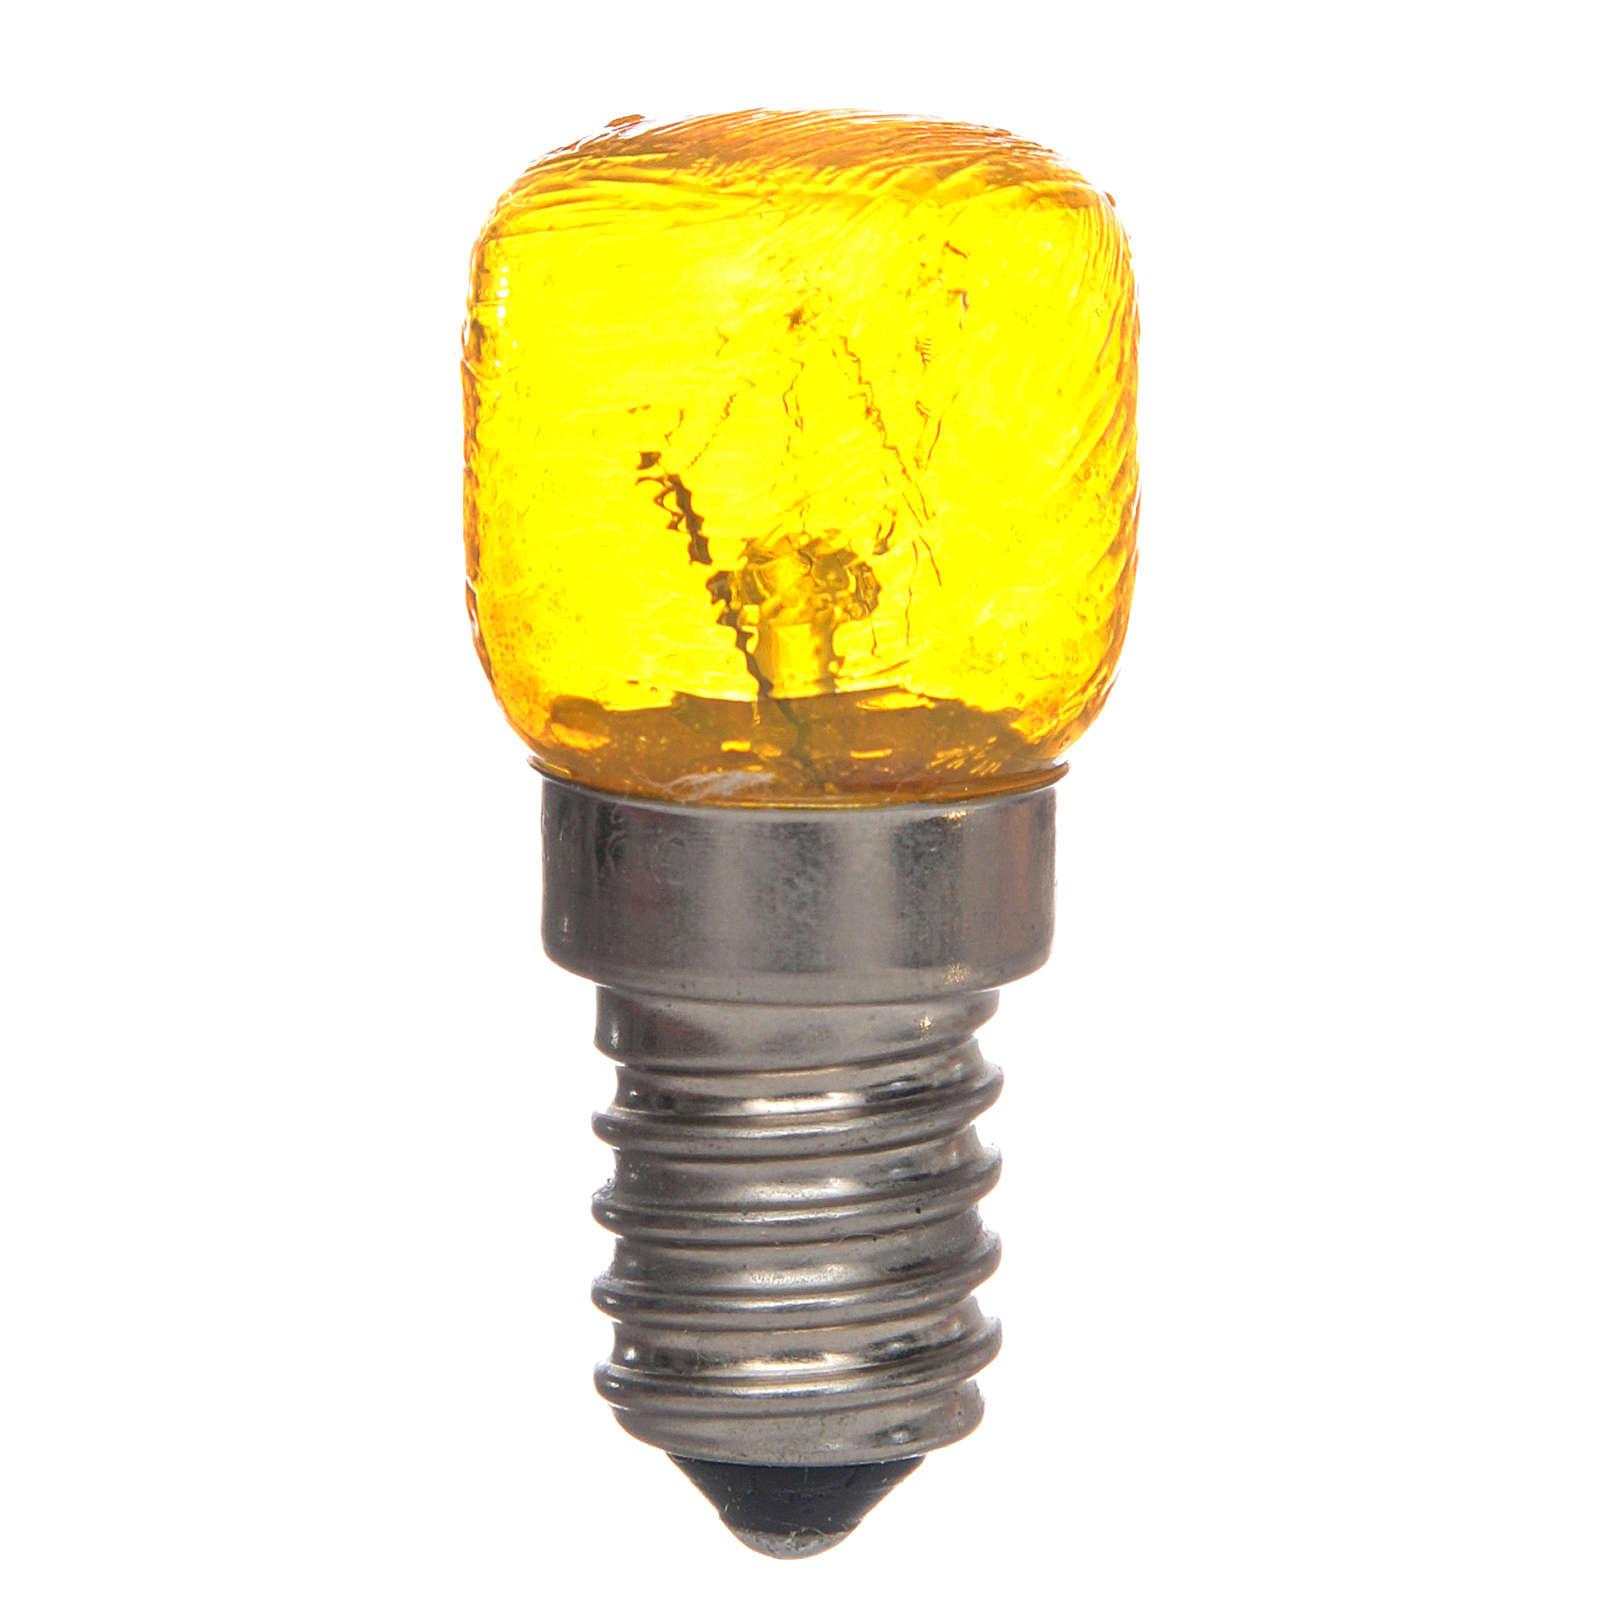 Bombilla E14 amarilla 15W 220V 4